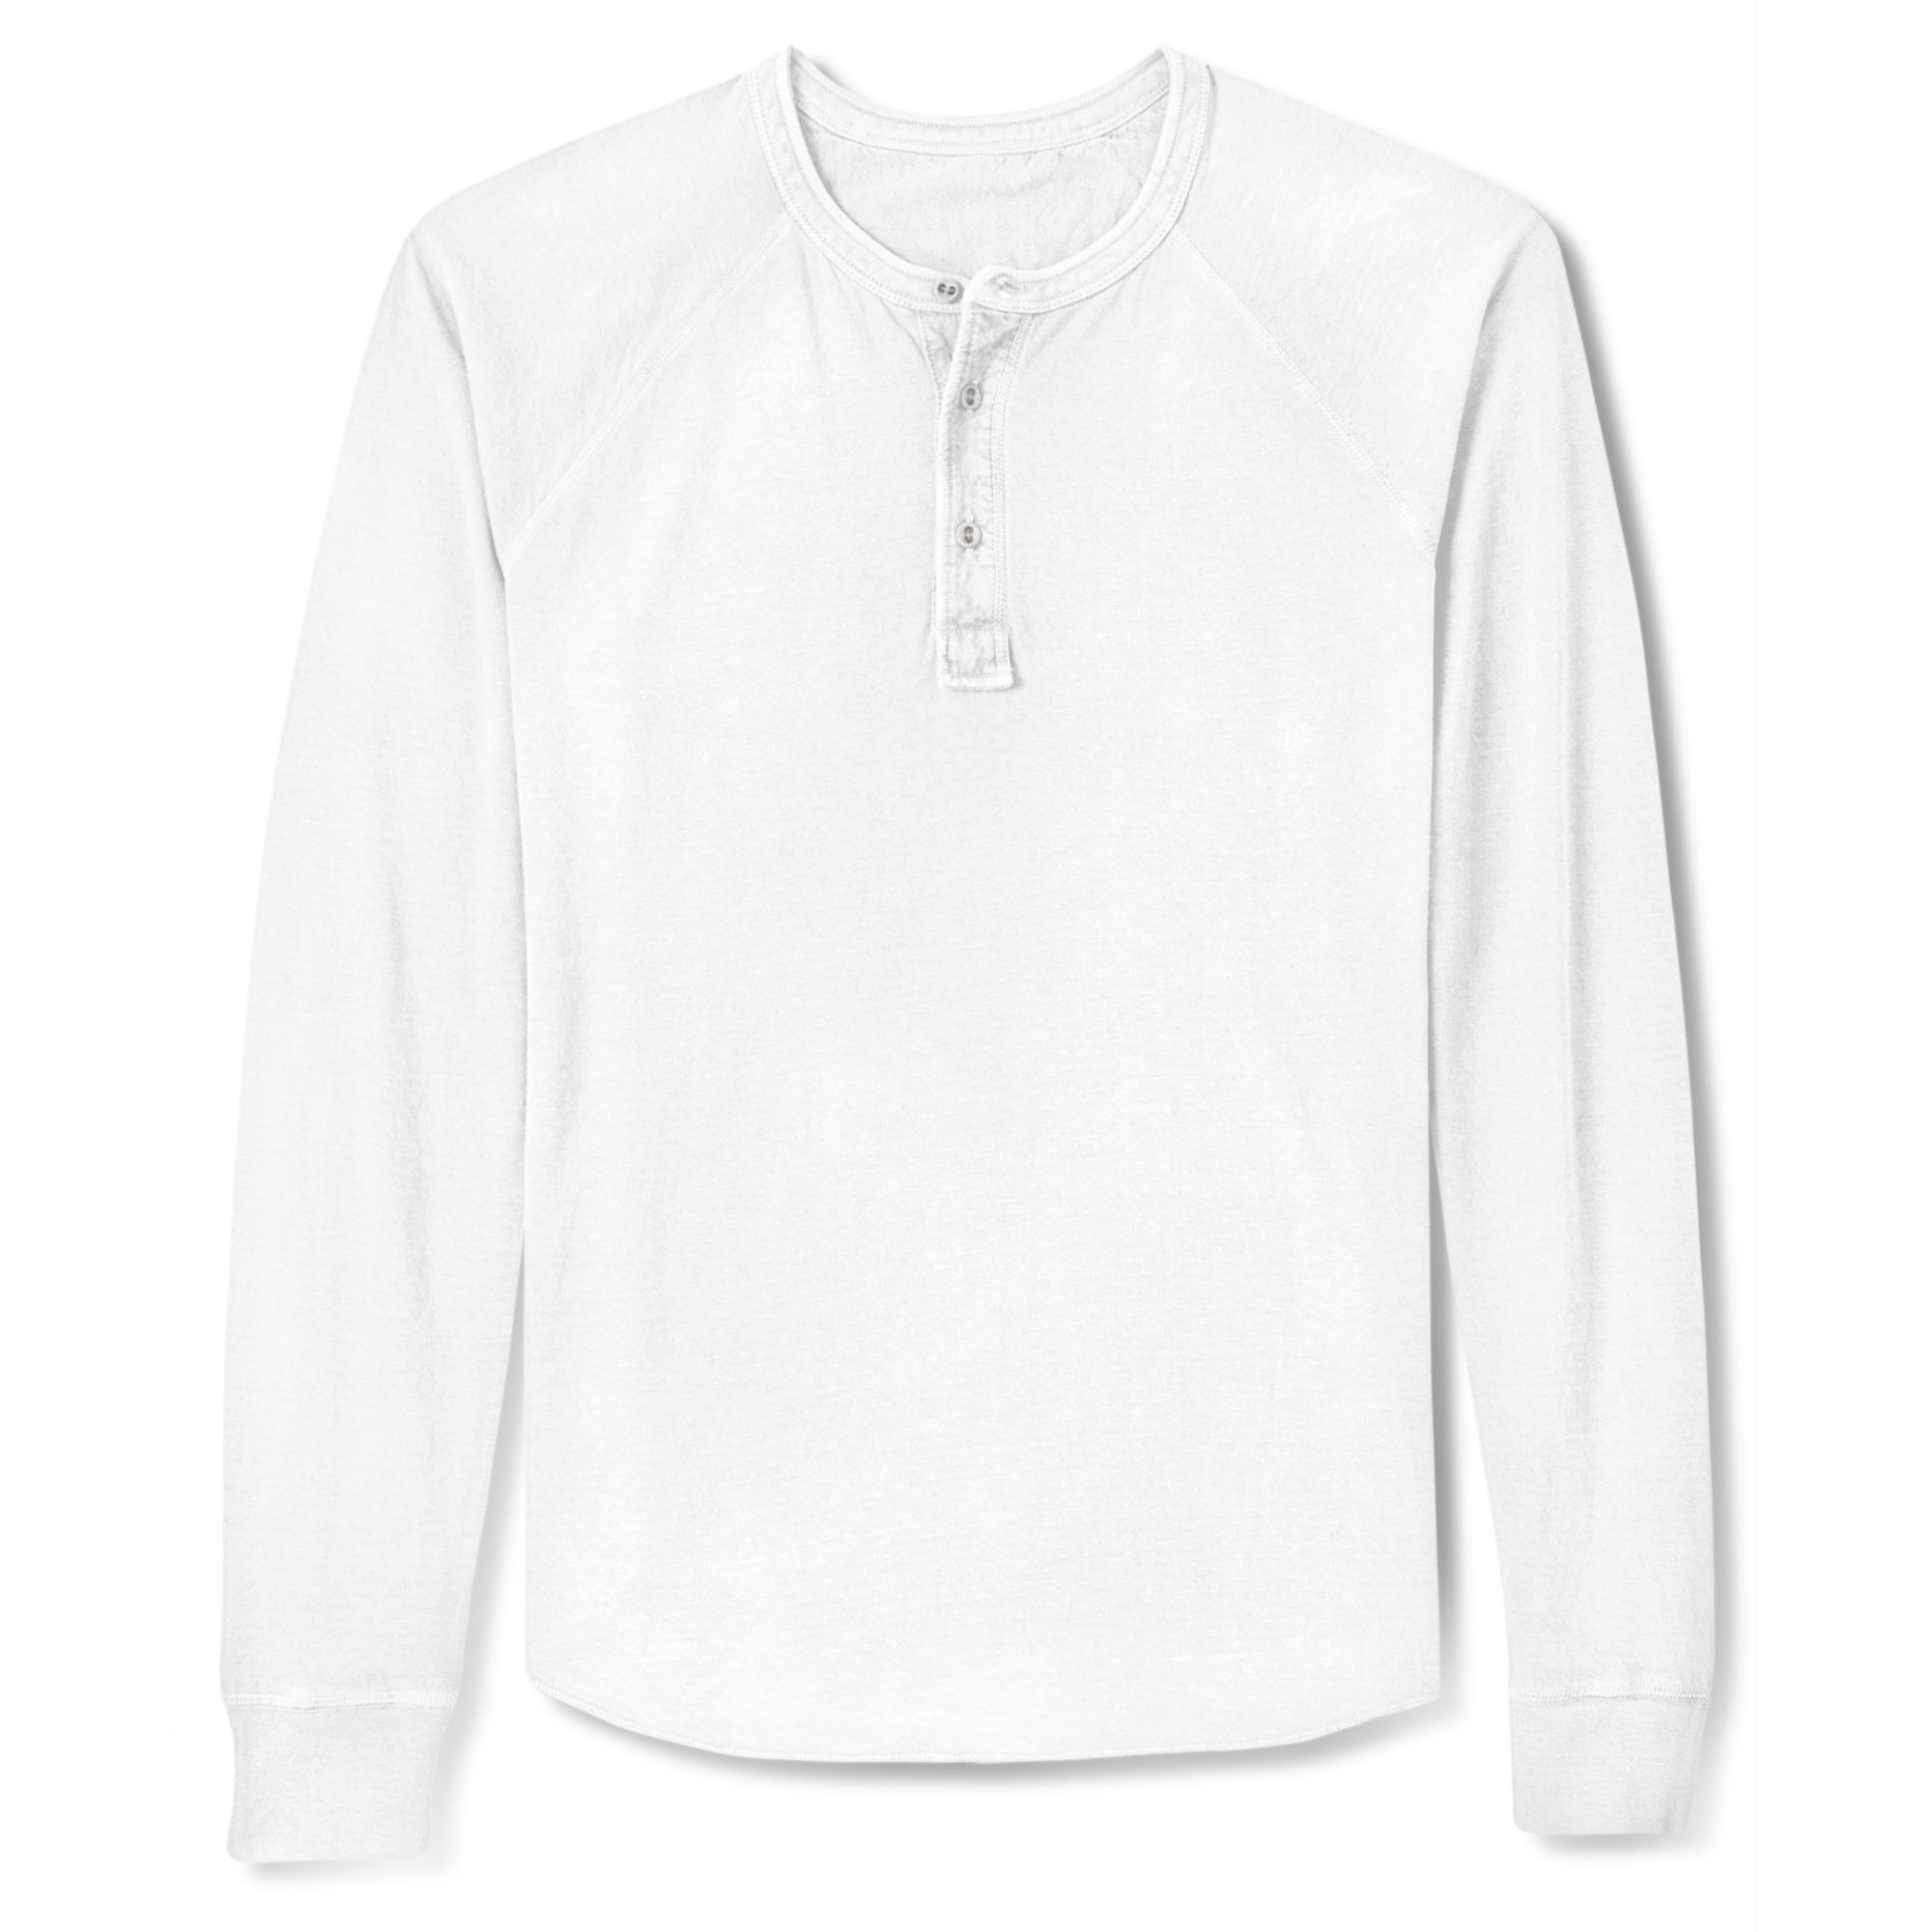 07e589235 Lucky Brand Duofold Henley Long Sleeve Shirt in White for Men - Lyst